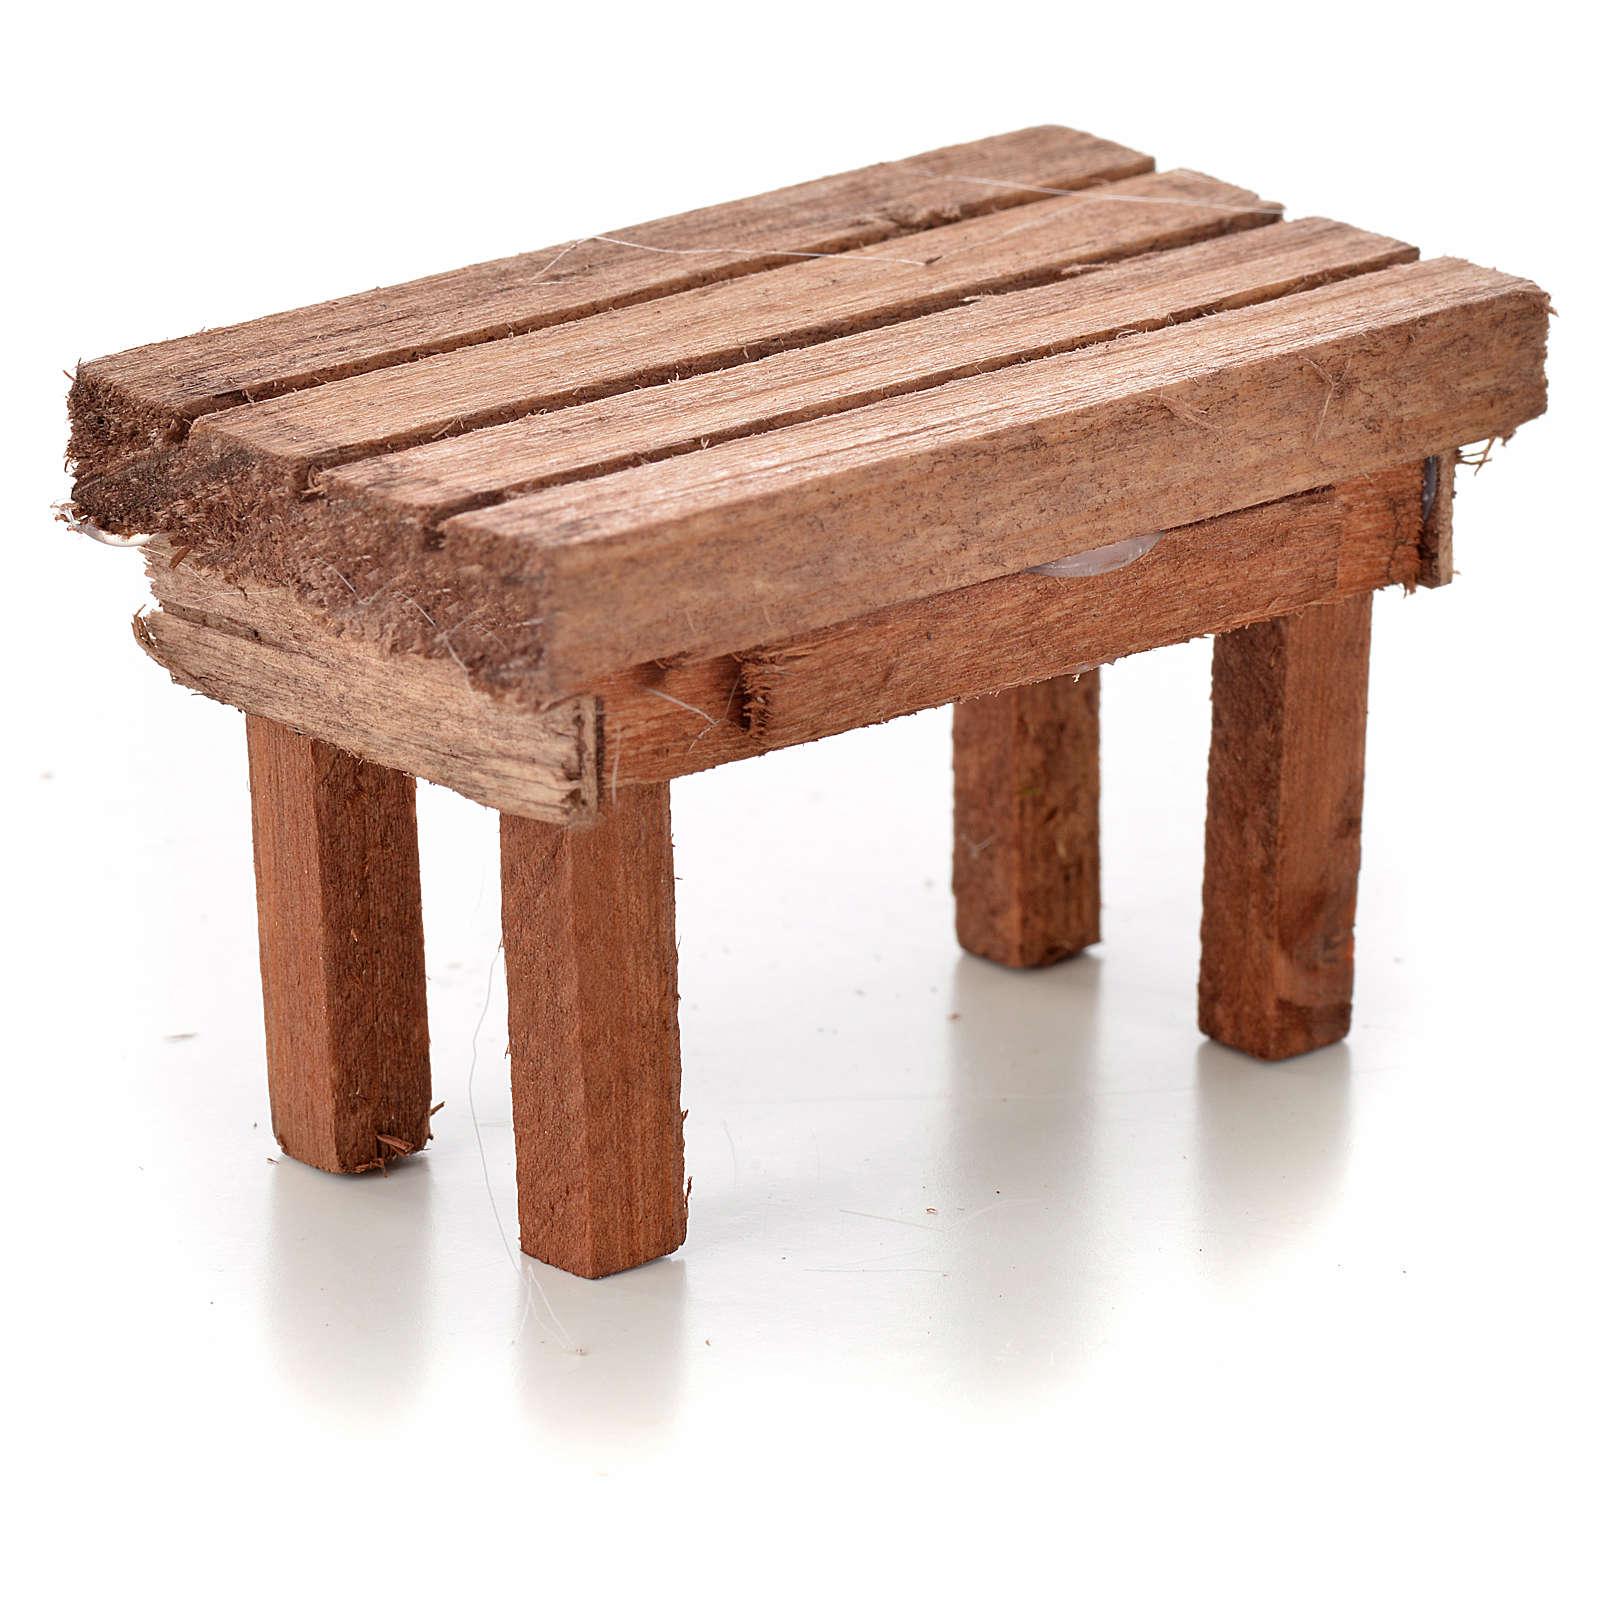 Tavolo legno 6 x 3,5 x 3,5 cm 4